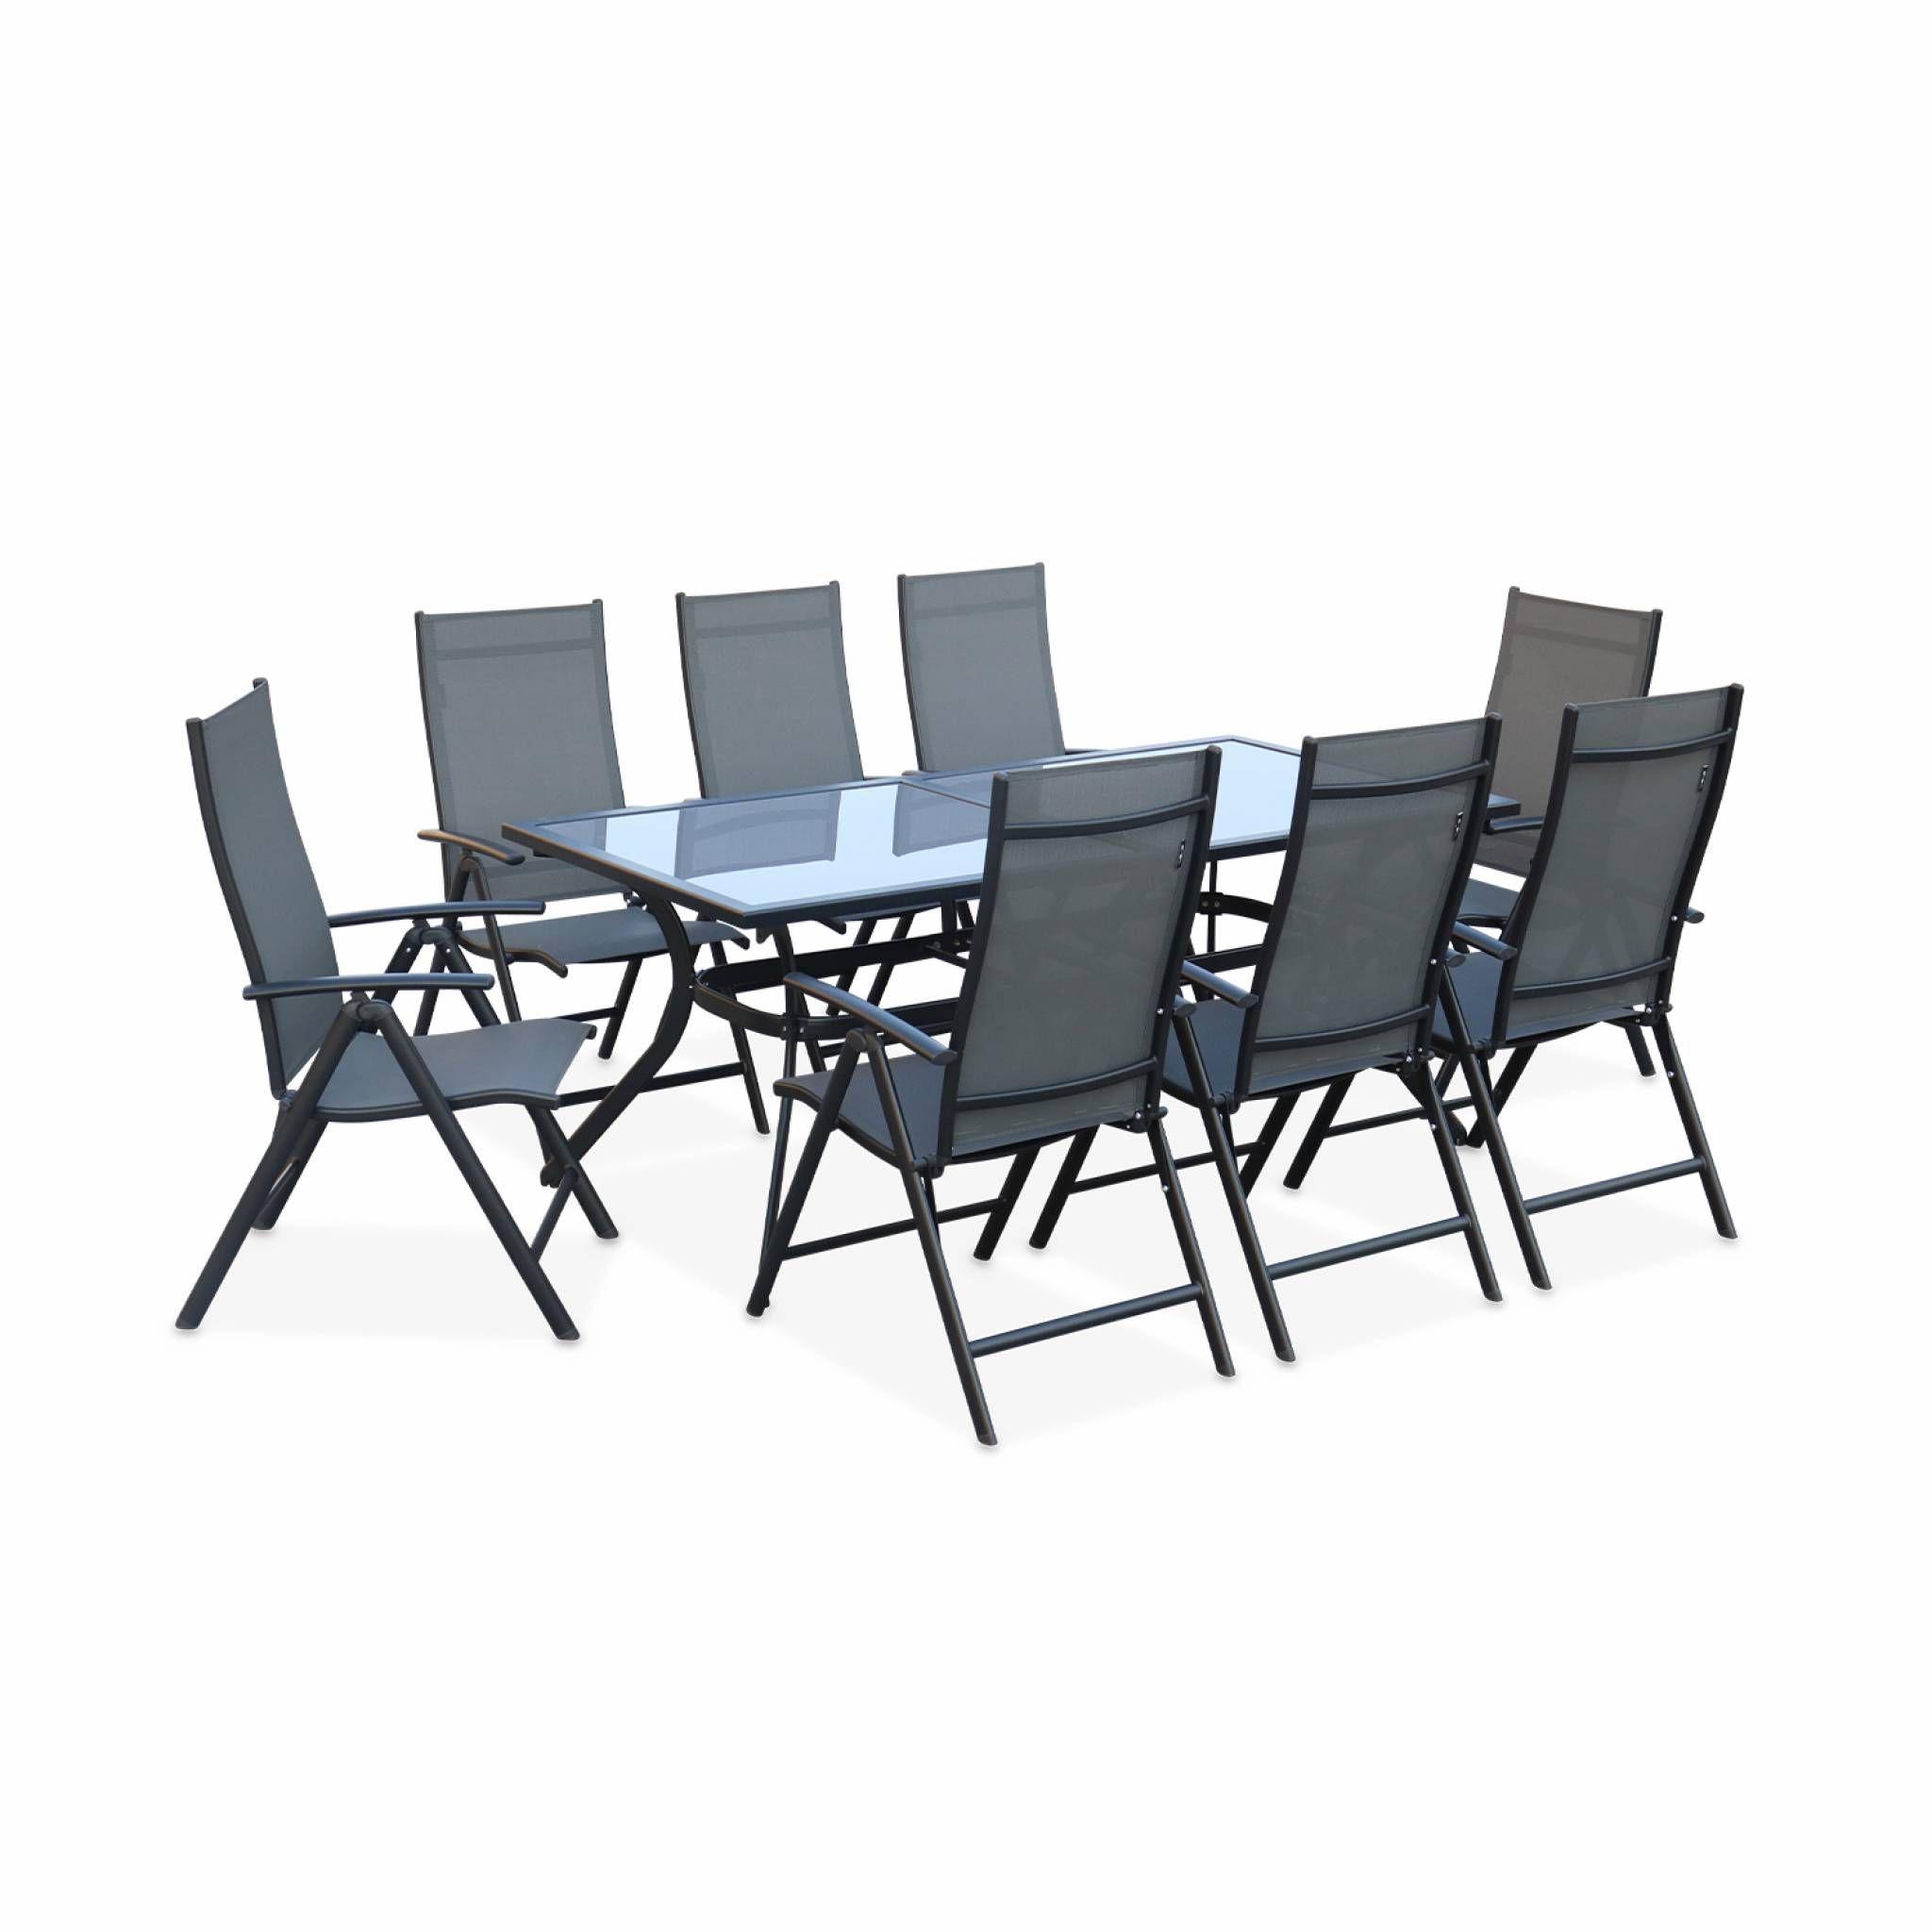 Salon de jardin : table 190cm et 8 fauteuils - Achat / Vente ...